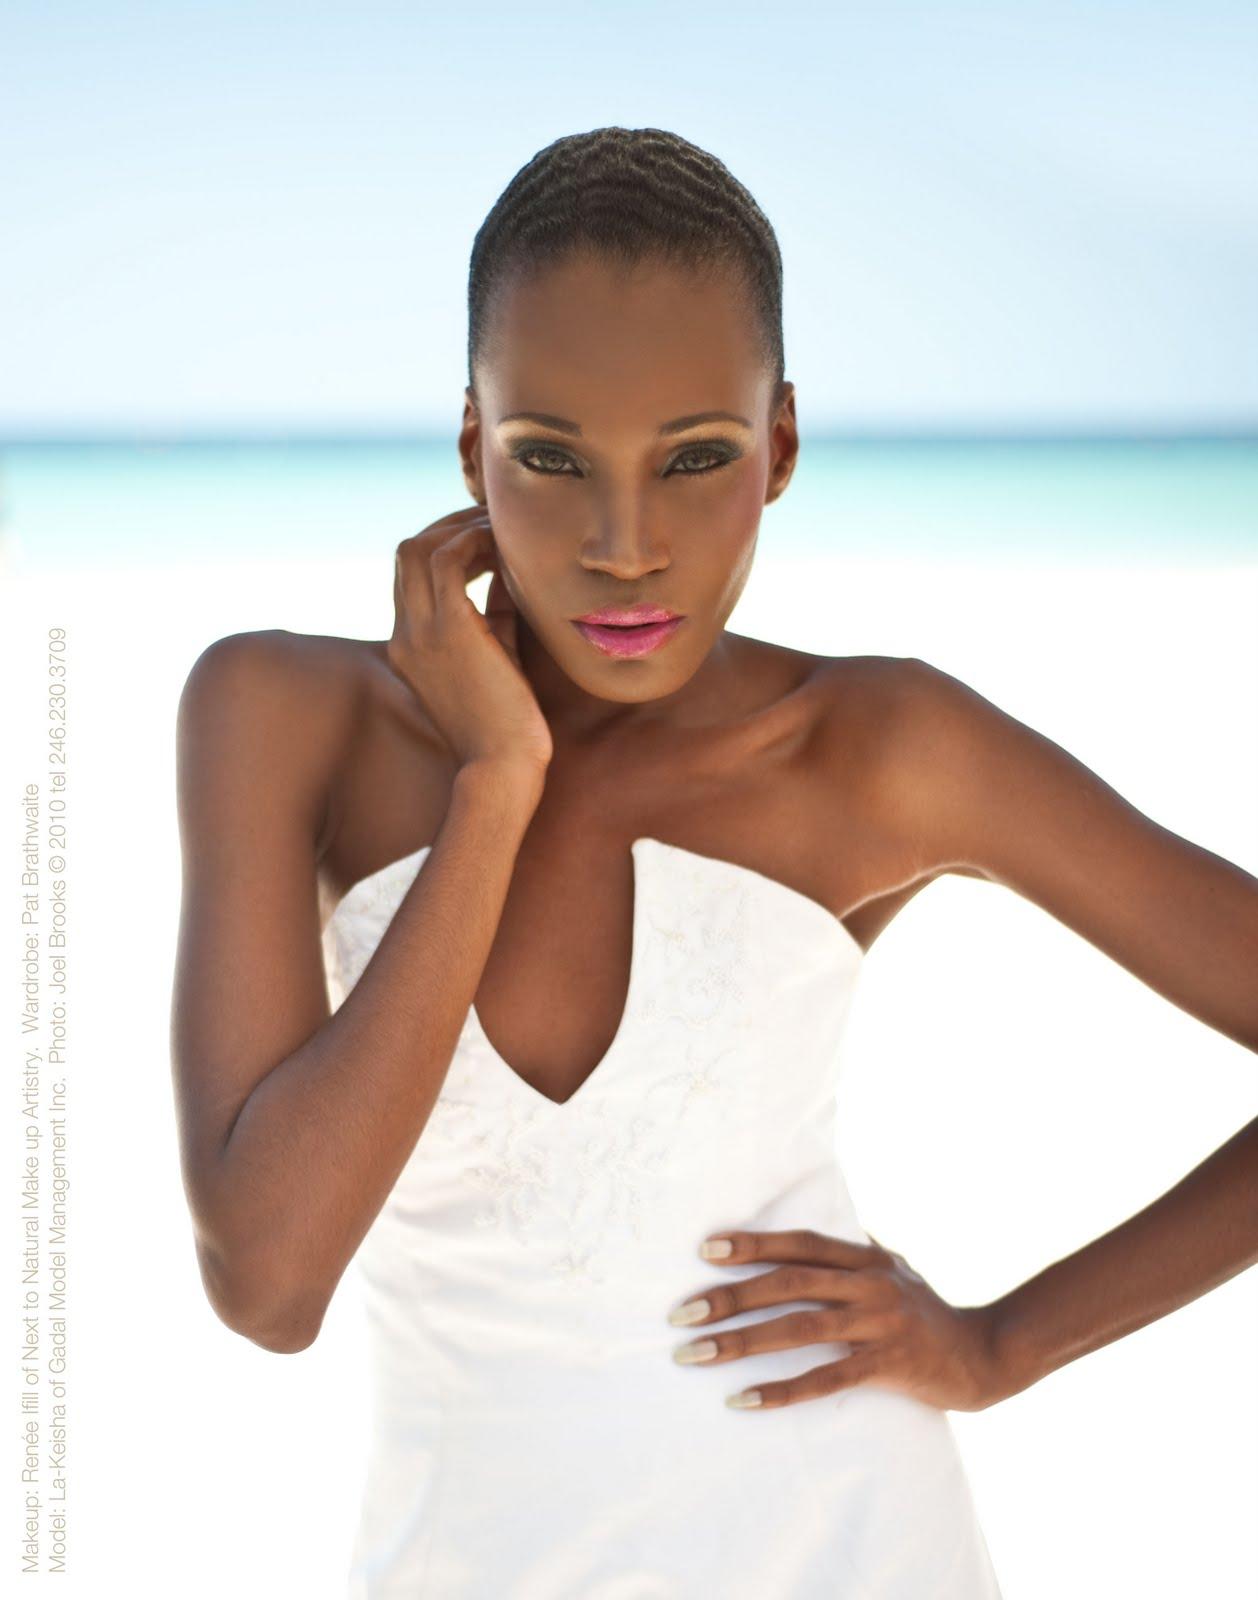 http://2.bp.blogspot.com/__yPVEzeoaeY/TIfZH8vhjmI/AAAAAAAAAIg/TwSCiKBsMps/s1600/Lakeisha+Williams+joel.jpg